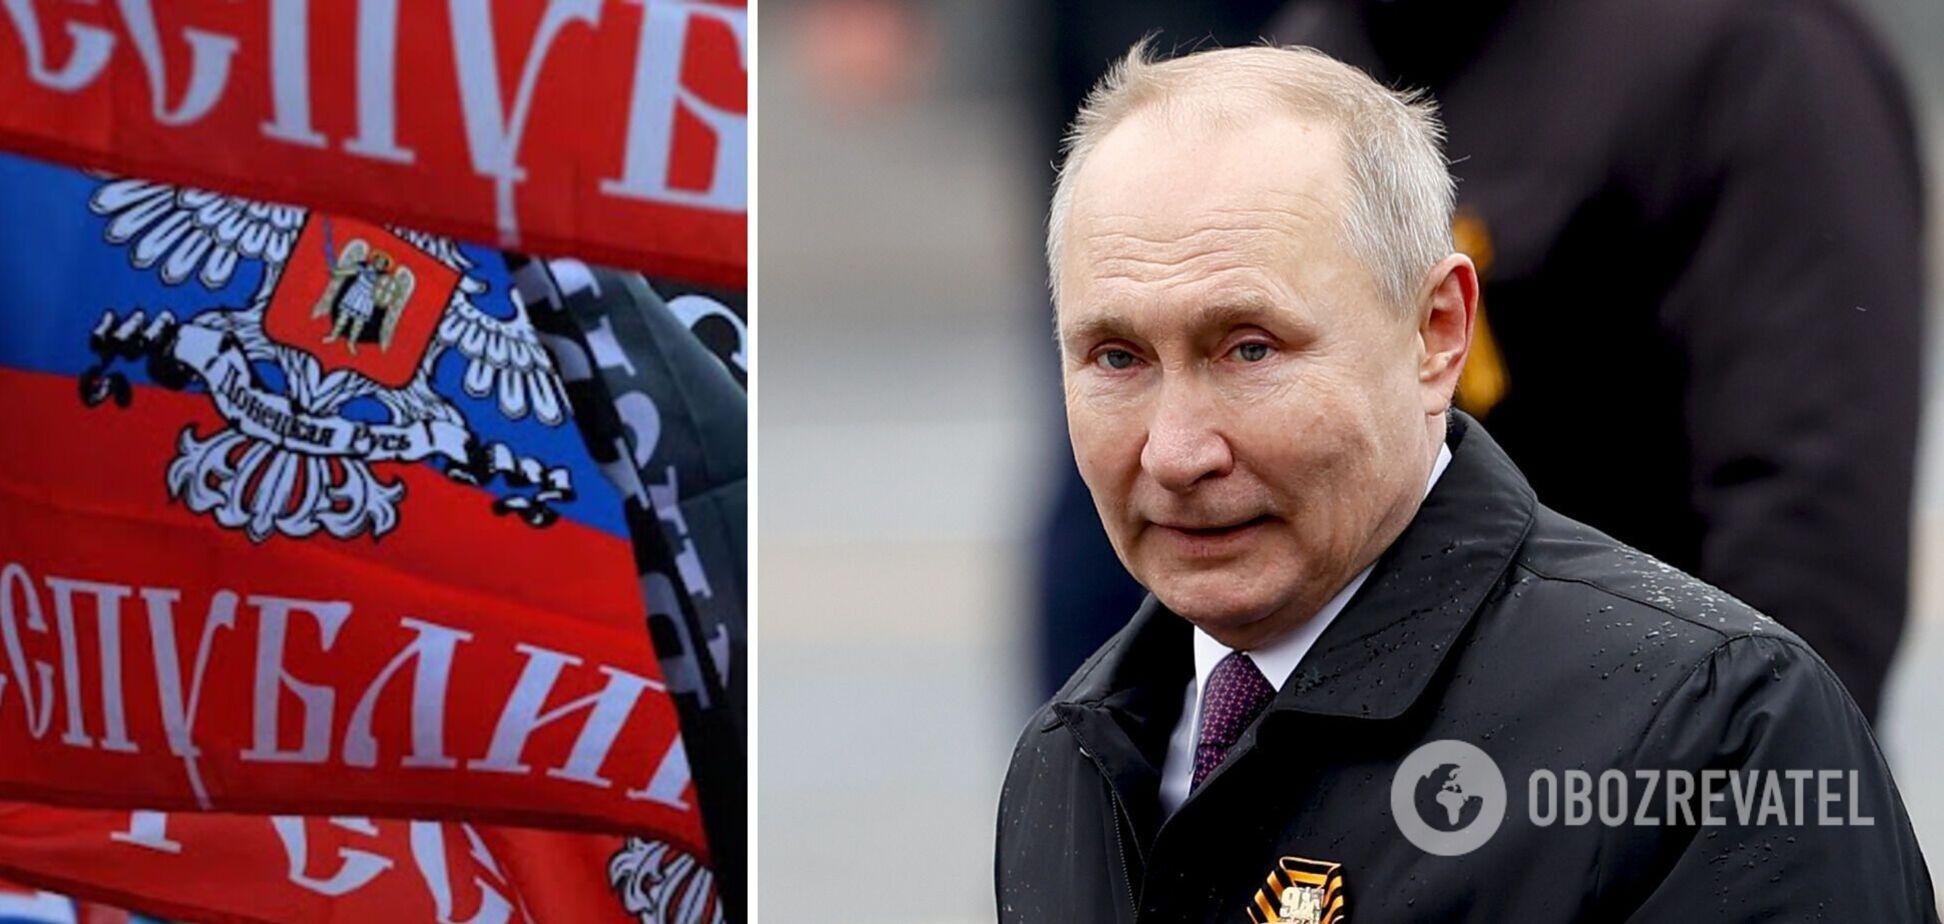 Хочет присоединить Донбасс к России? Курносова указала на нюанс в статье Путина